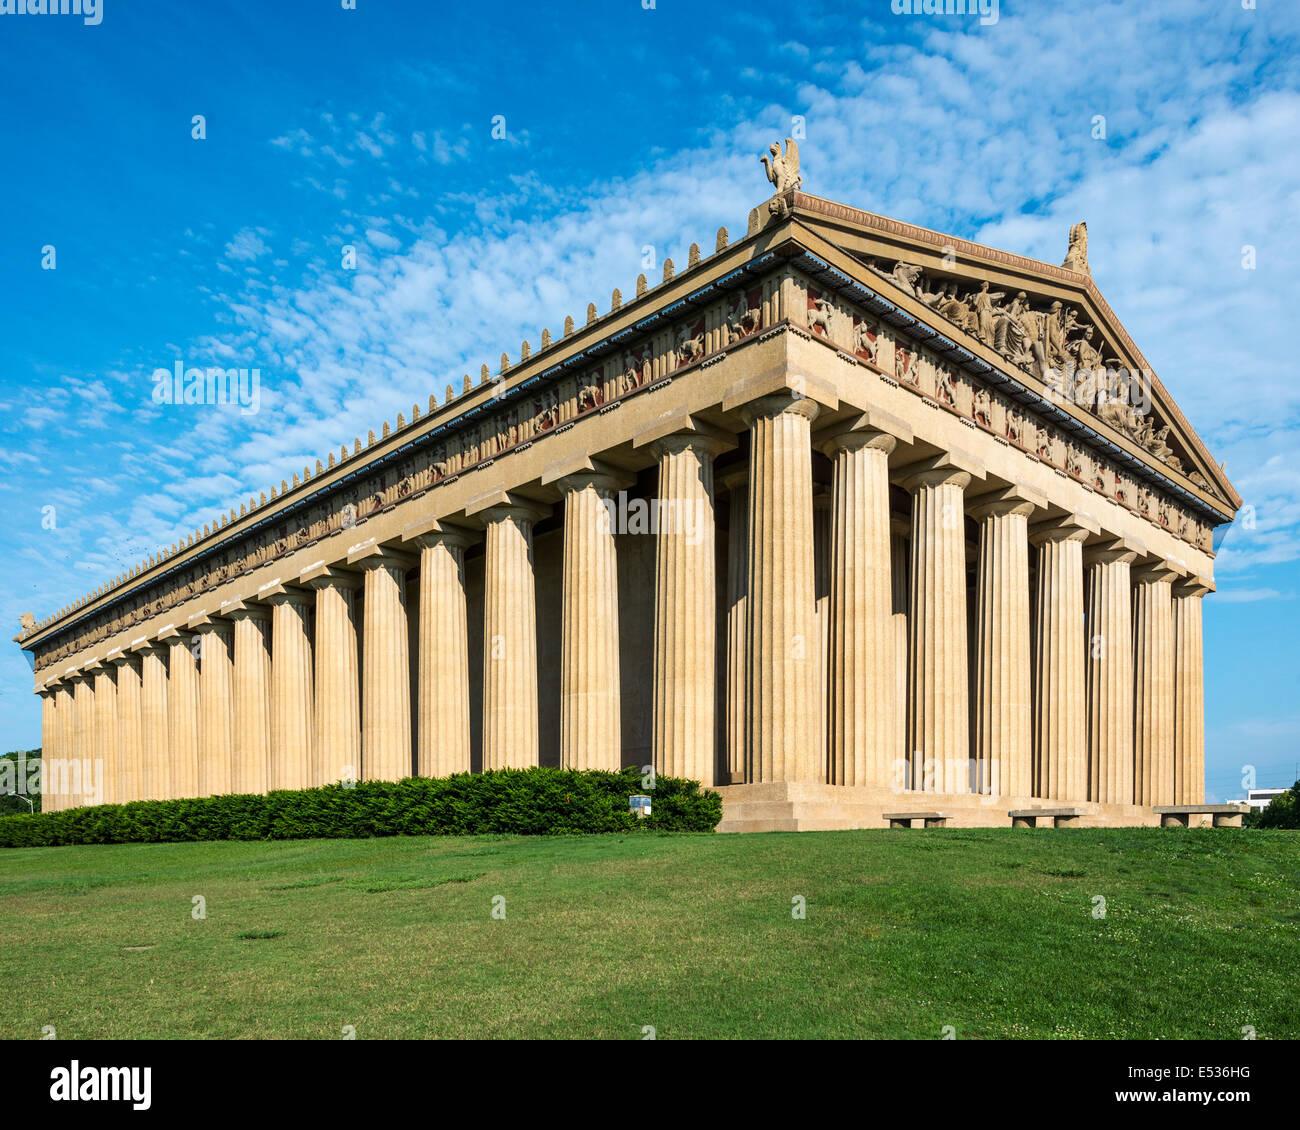 Partenón réplica en el parque Centennial en Nashville, Tennessee, EE.UU. Imagen De Stock